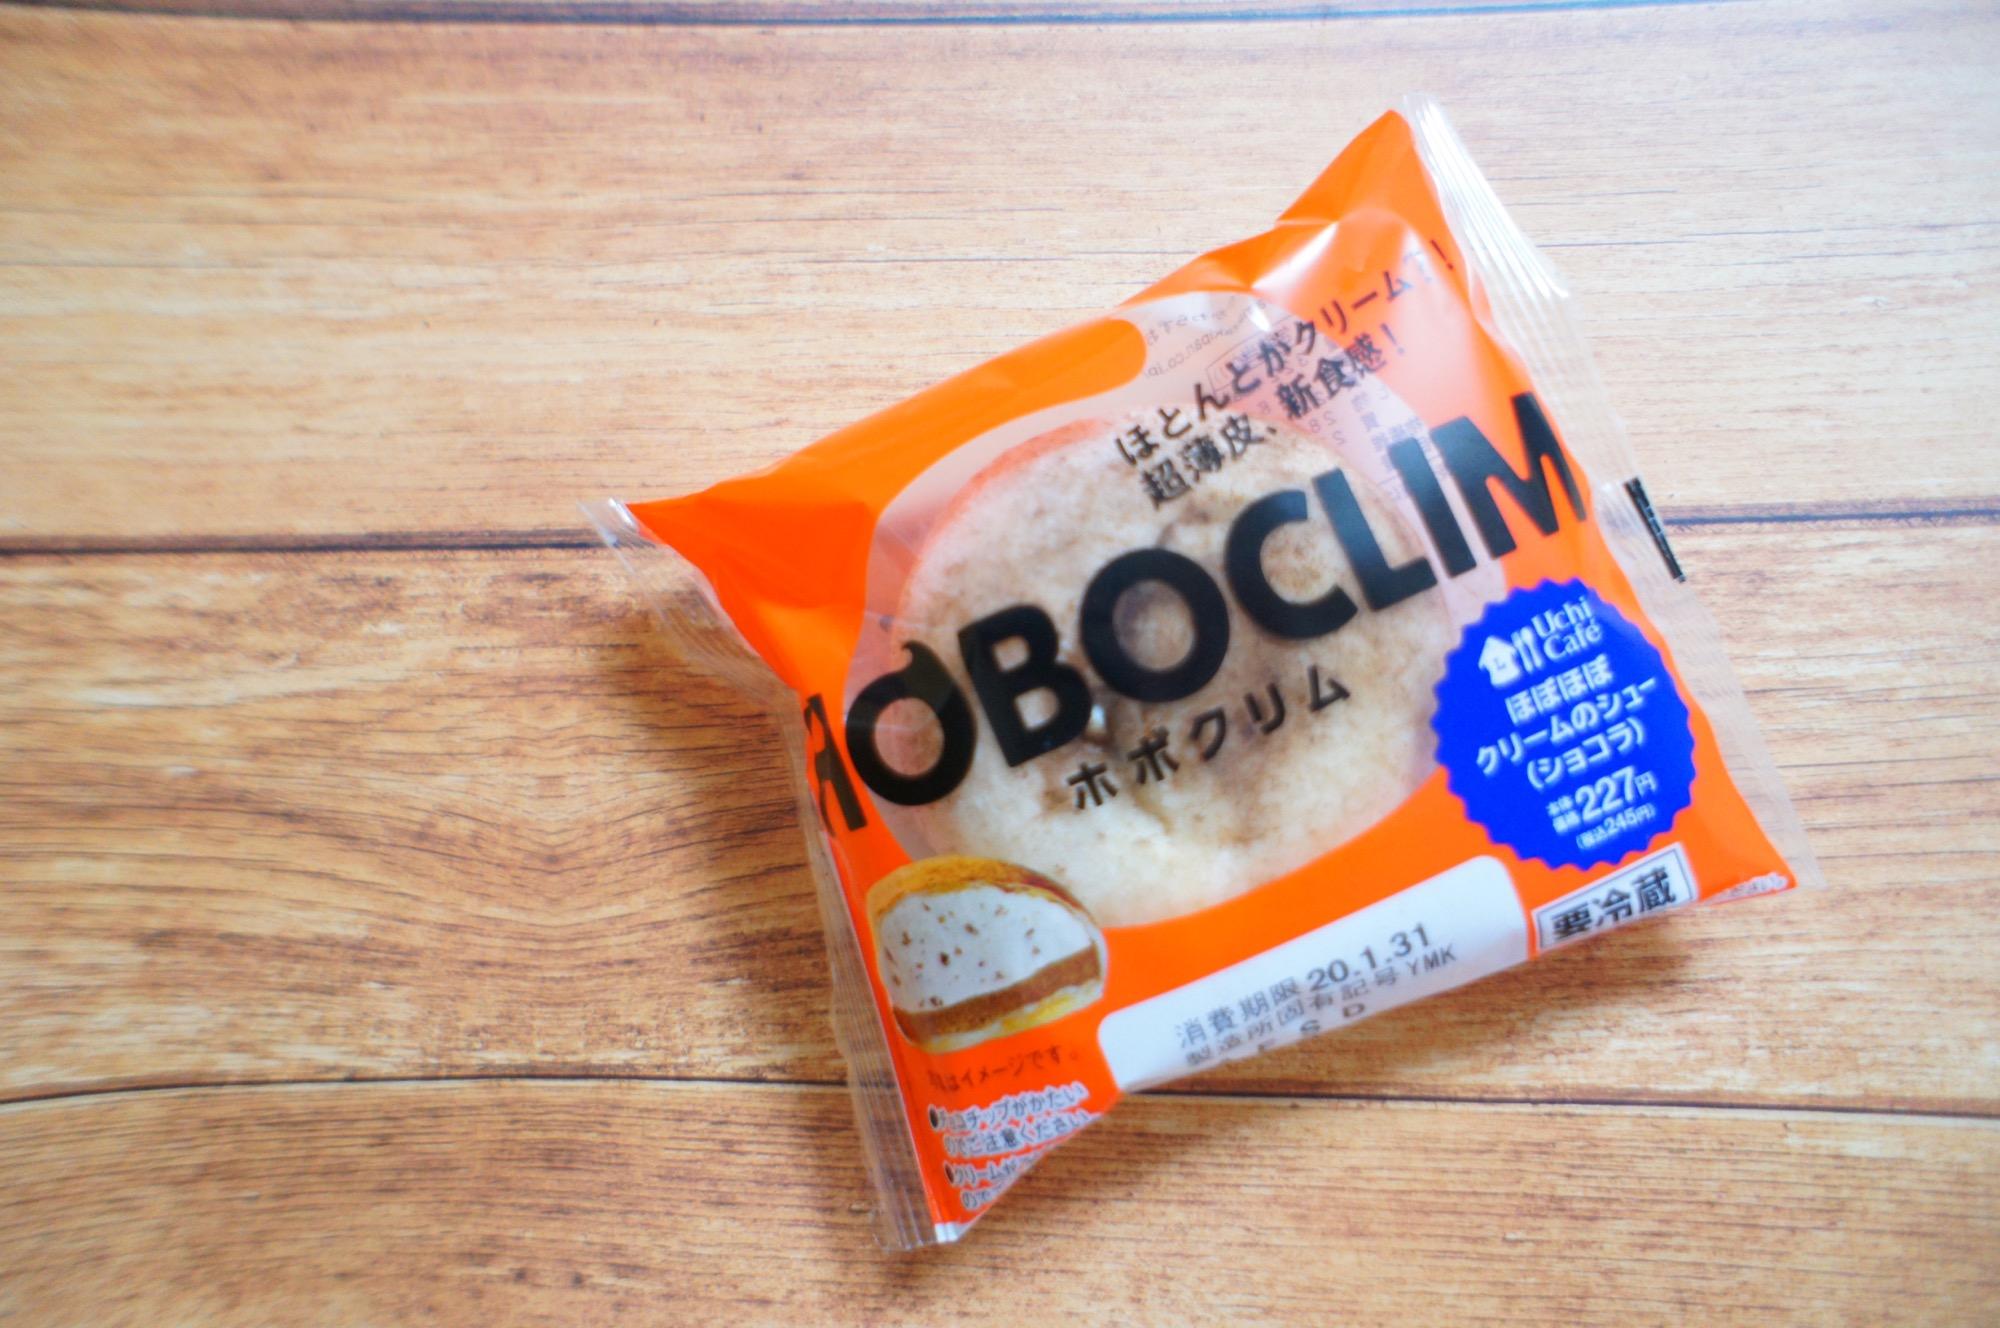 《あの大人気シリーズがショコラ味に変身❤️》【ローソン】HOBOCLIM(ホボクリム)を食べてみました☻_1